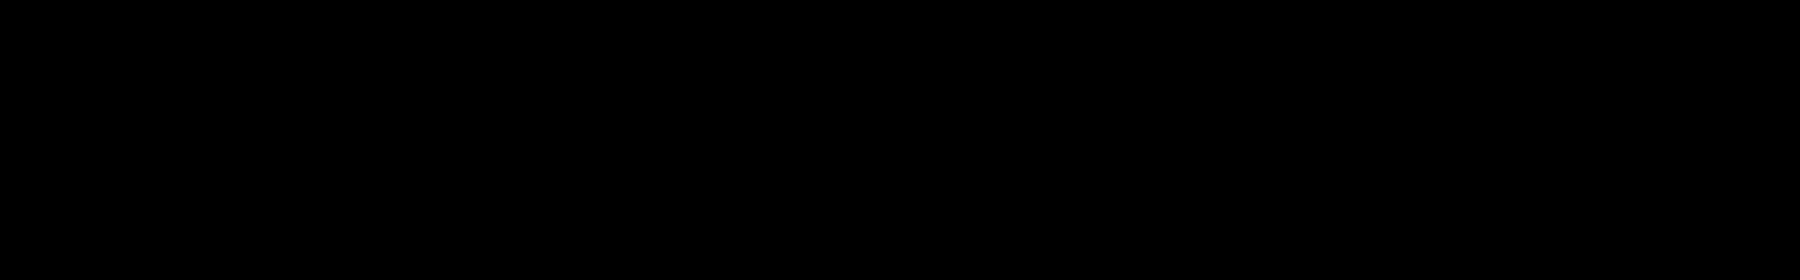 Suckaz audio waveform